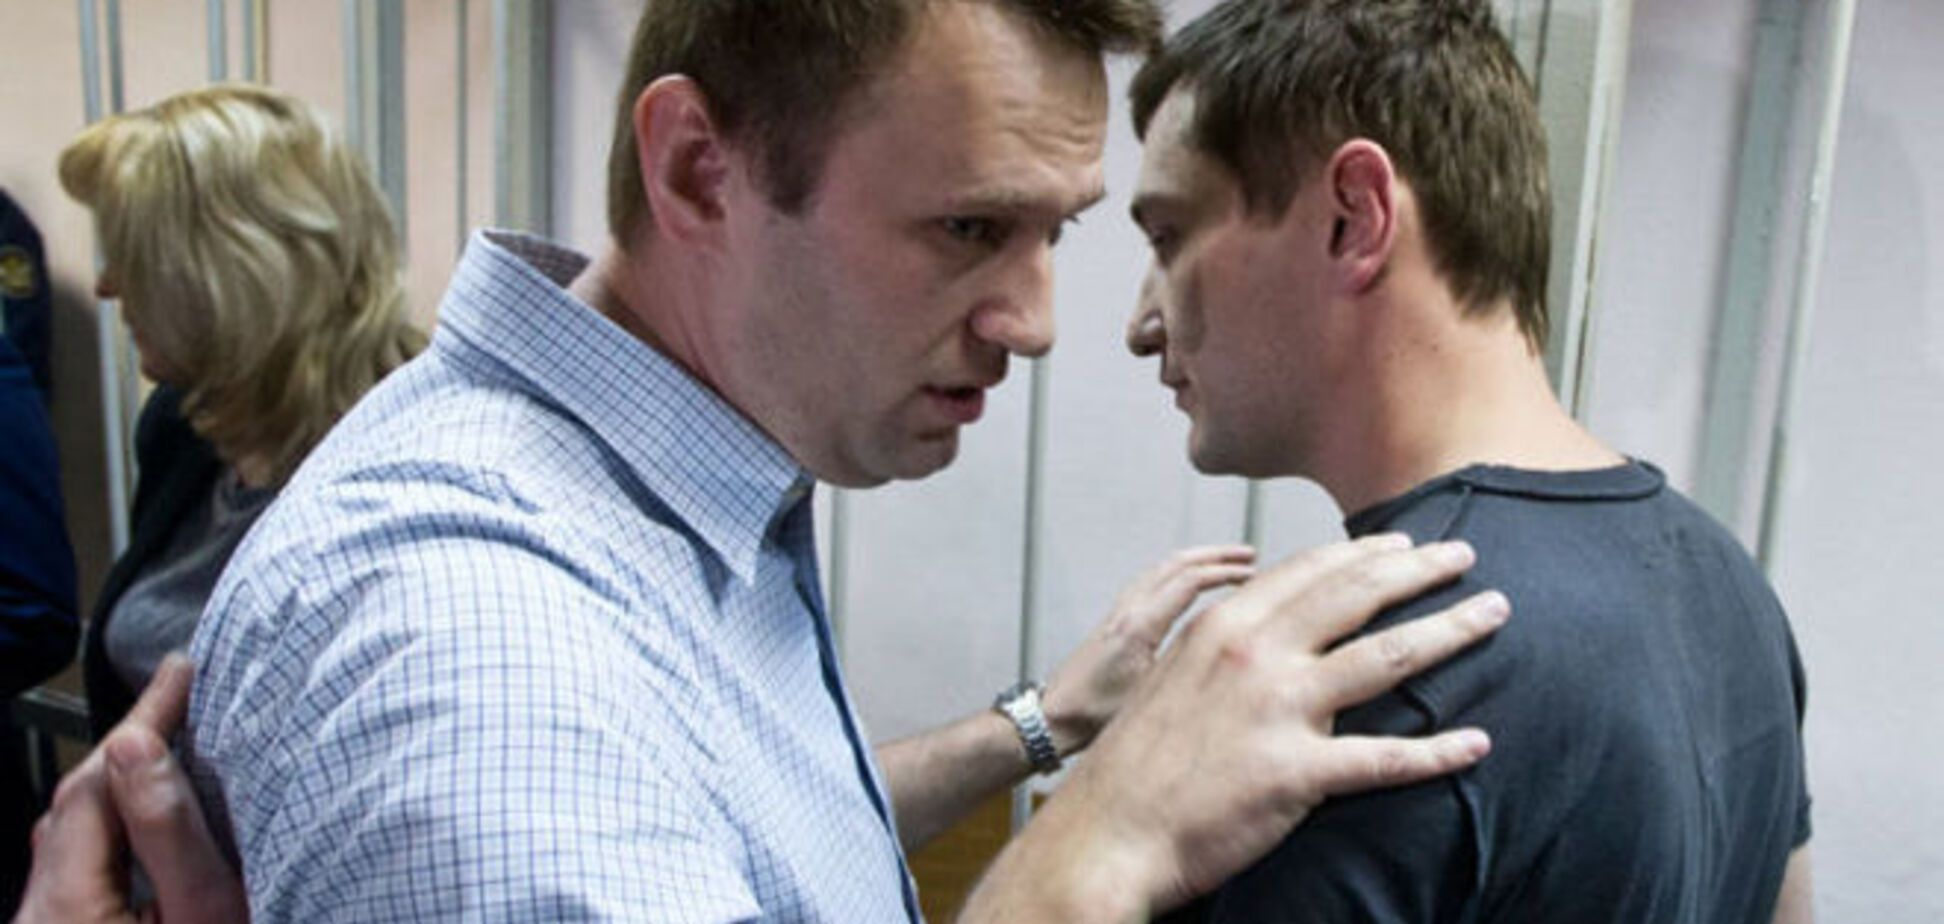 Навальный призвал уничтожить 'глумящихся и куражащихся подонков и подлецов' Кремля